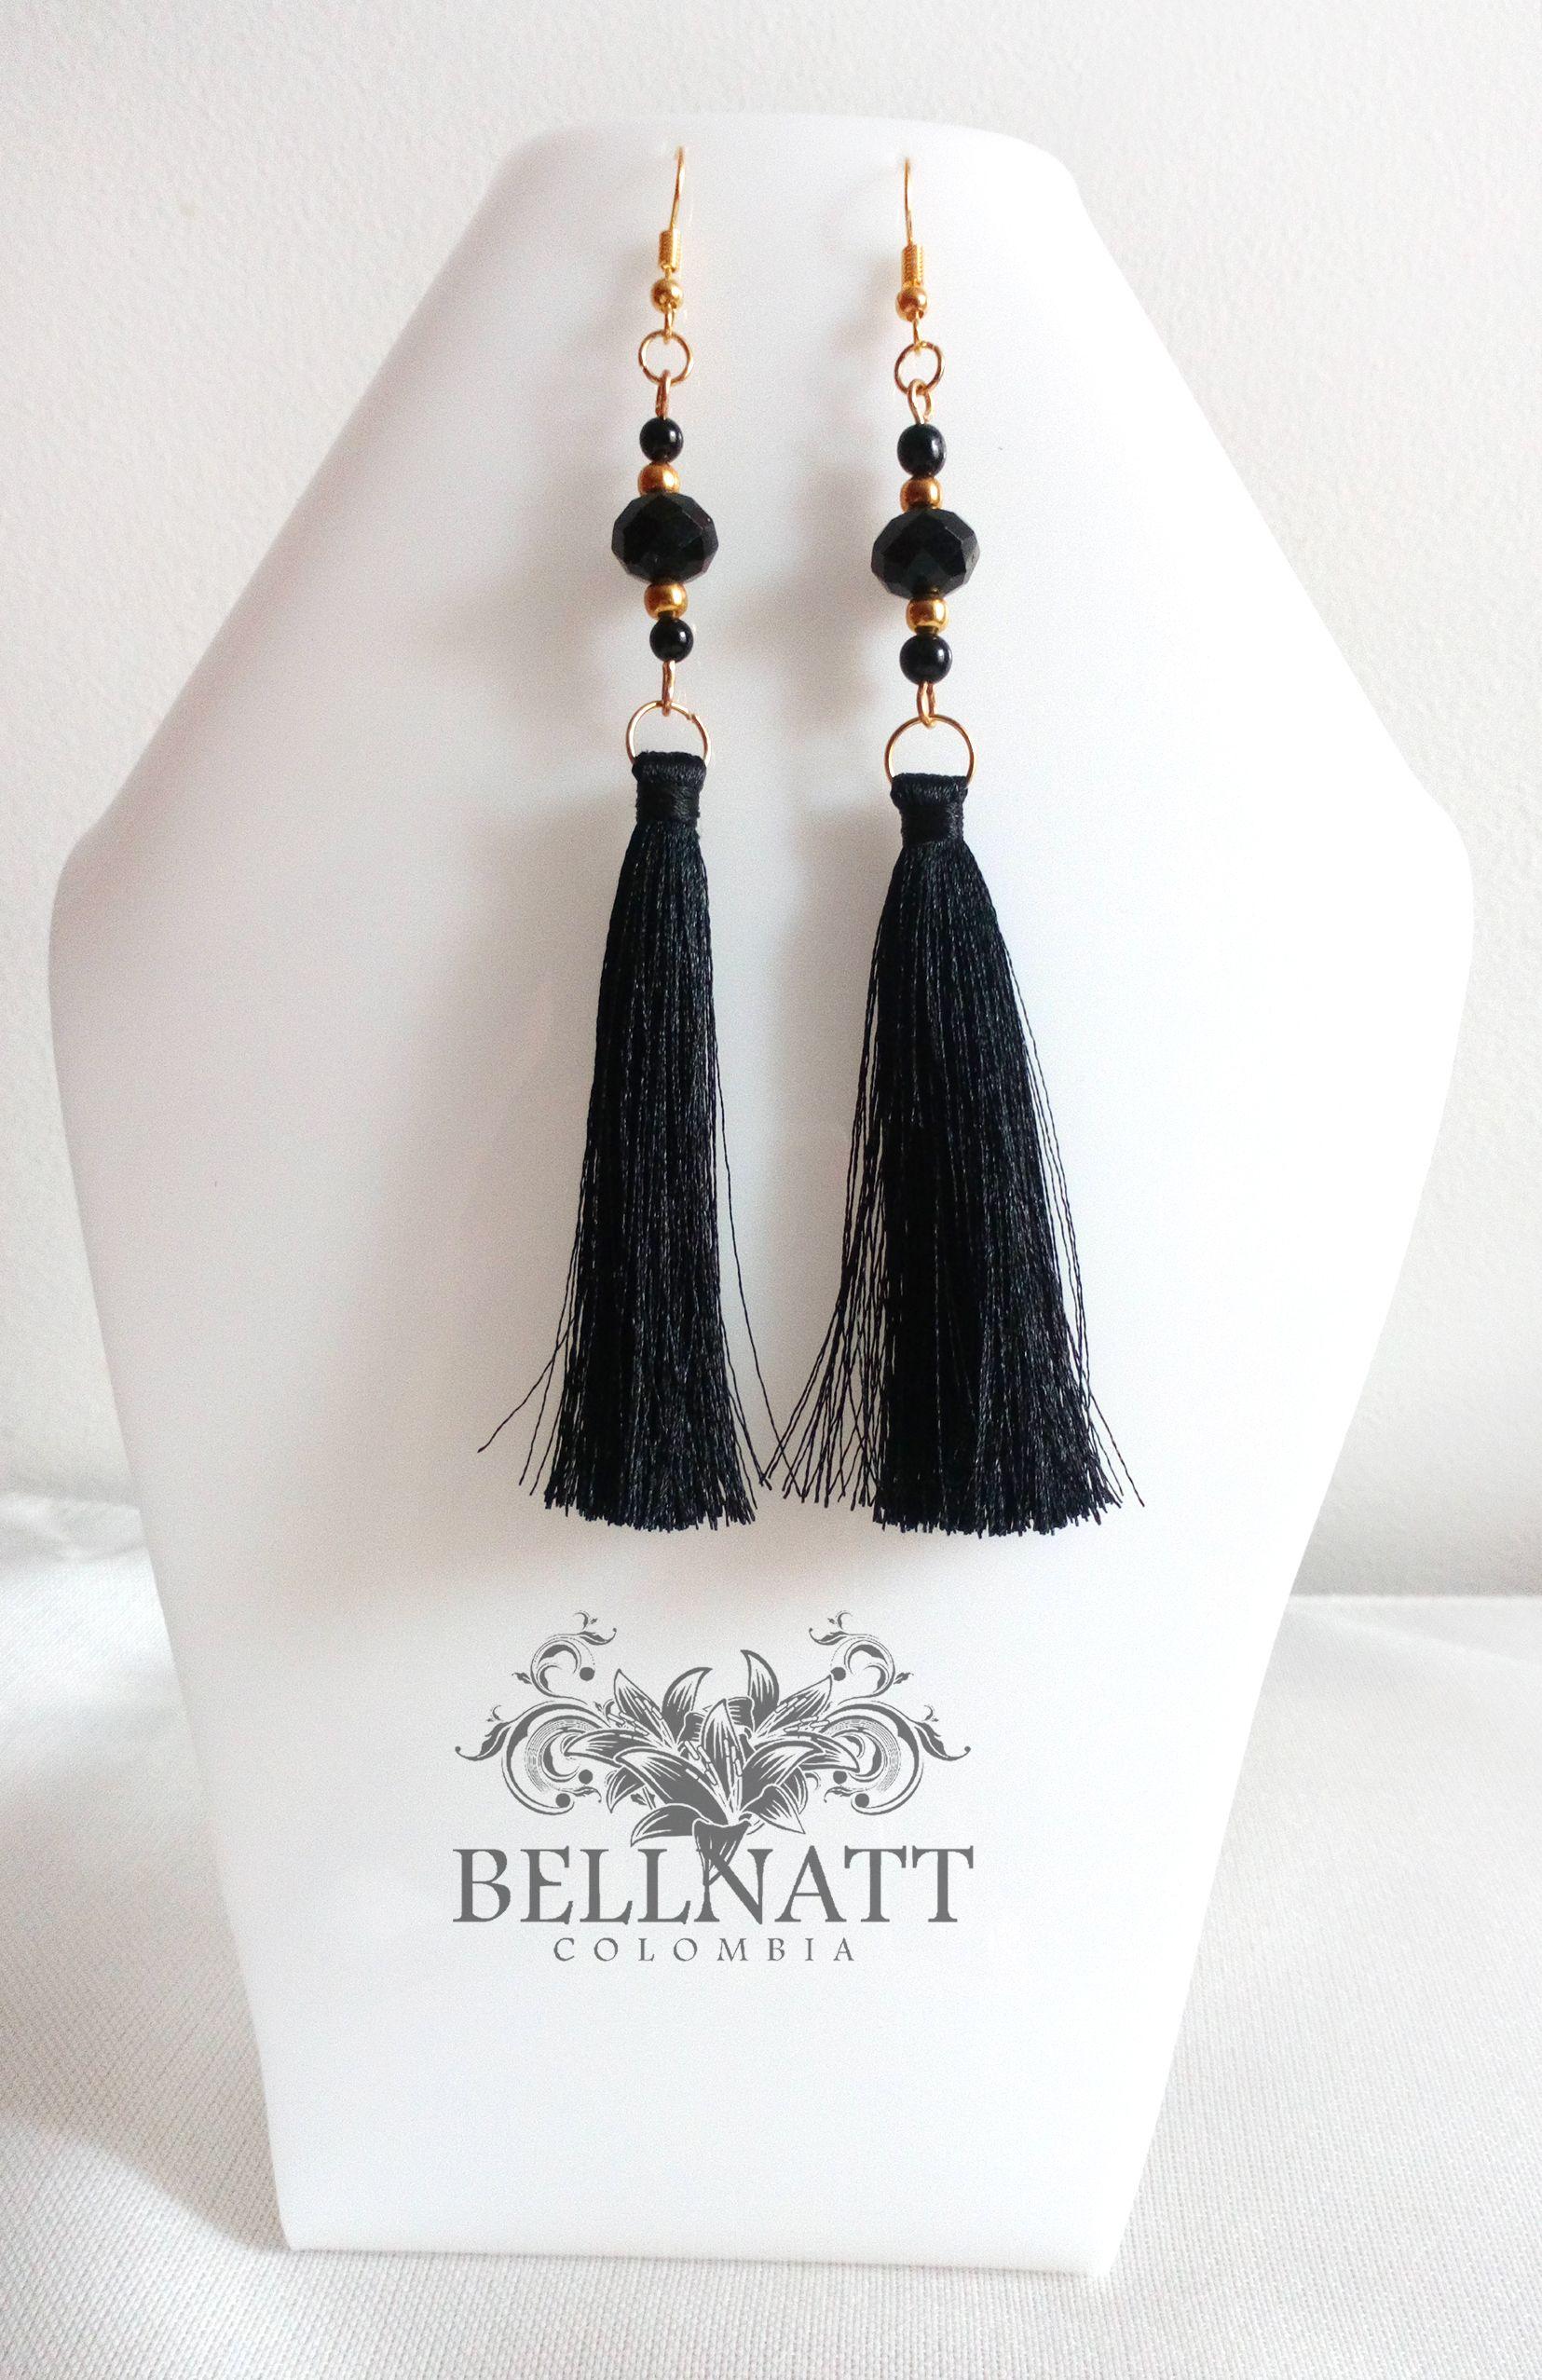 b45f546786b6 Aretes de borlas negras largas  aretes  moda  tumejorestilo  jewelry   elegancia  joyería  plateado  juventud  consientete Precio   15.000 COP  Más ...